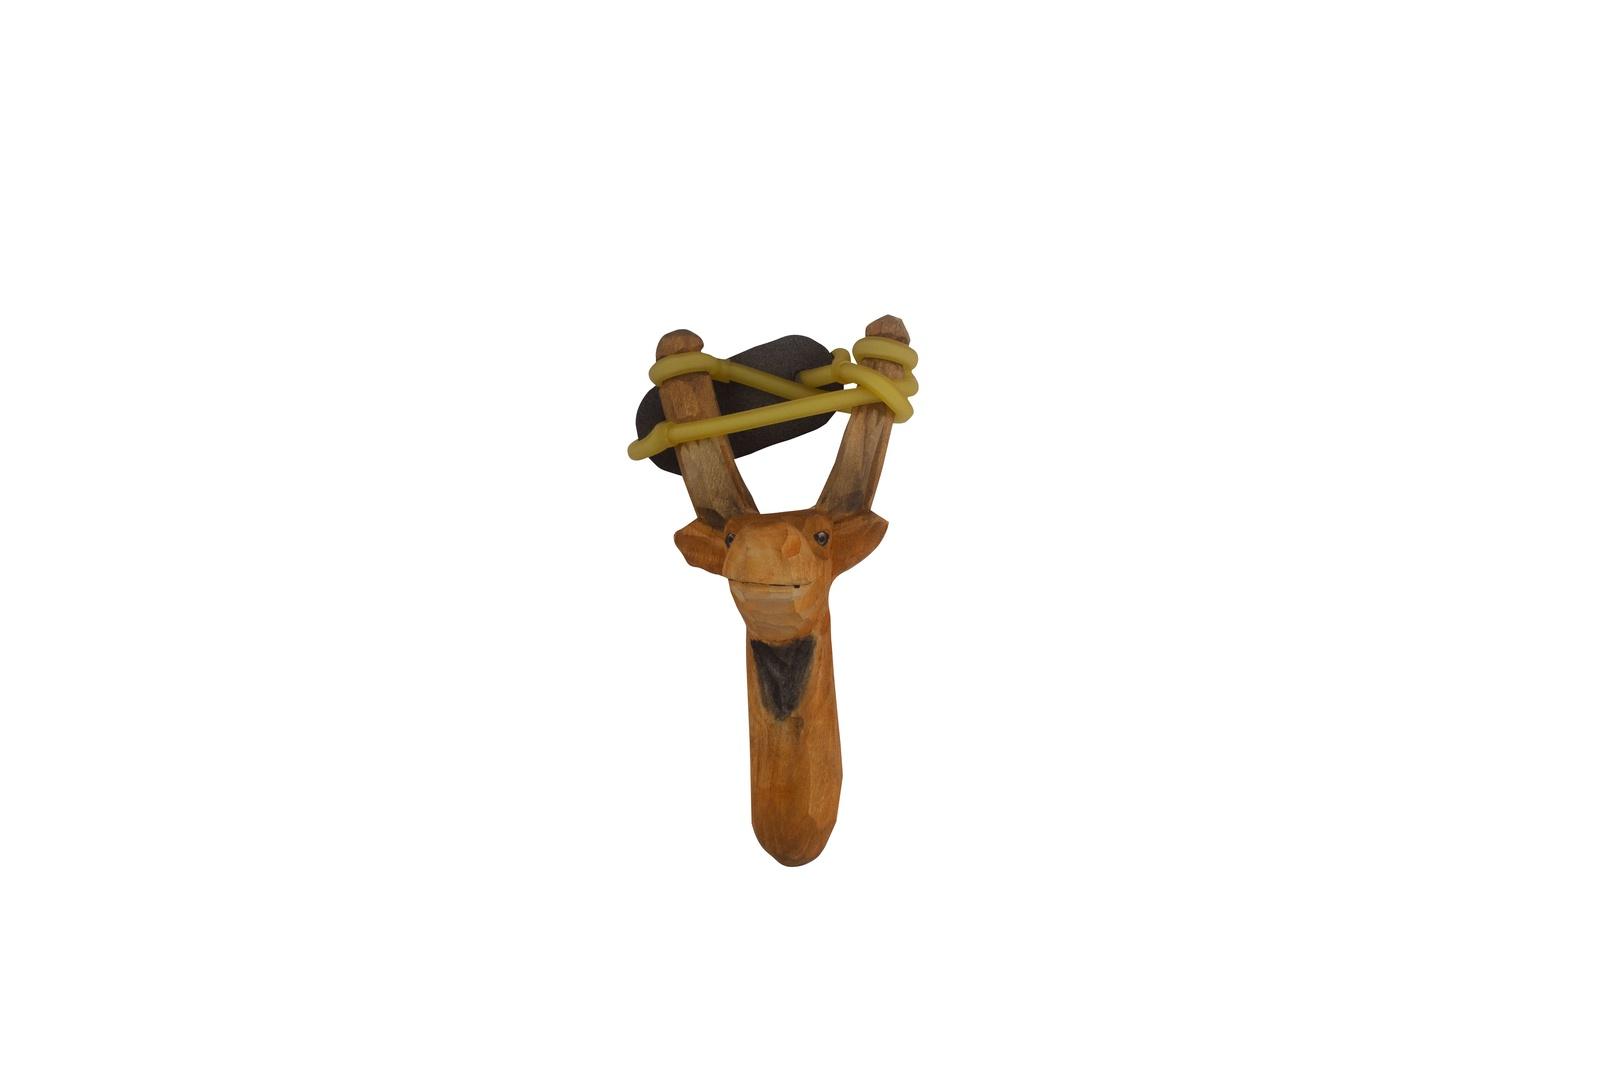 Рогатка игрушечная Molly&Pops Олень, 2000000001845 коричневый рогатка игрушечная molly